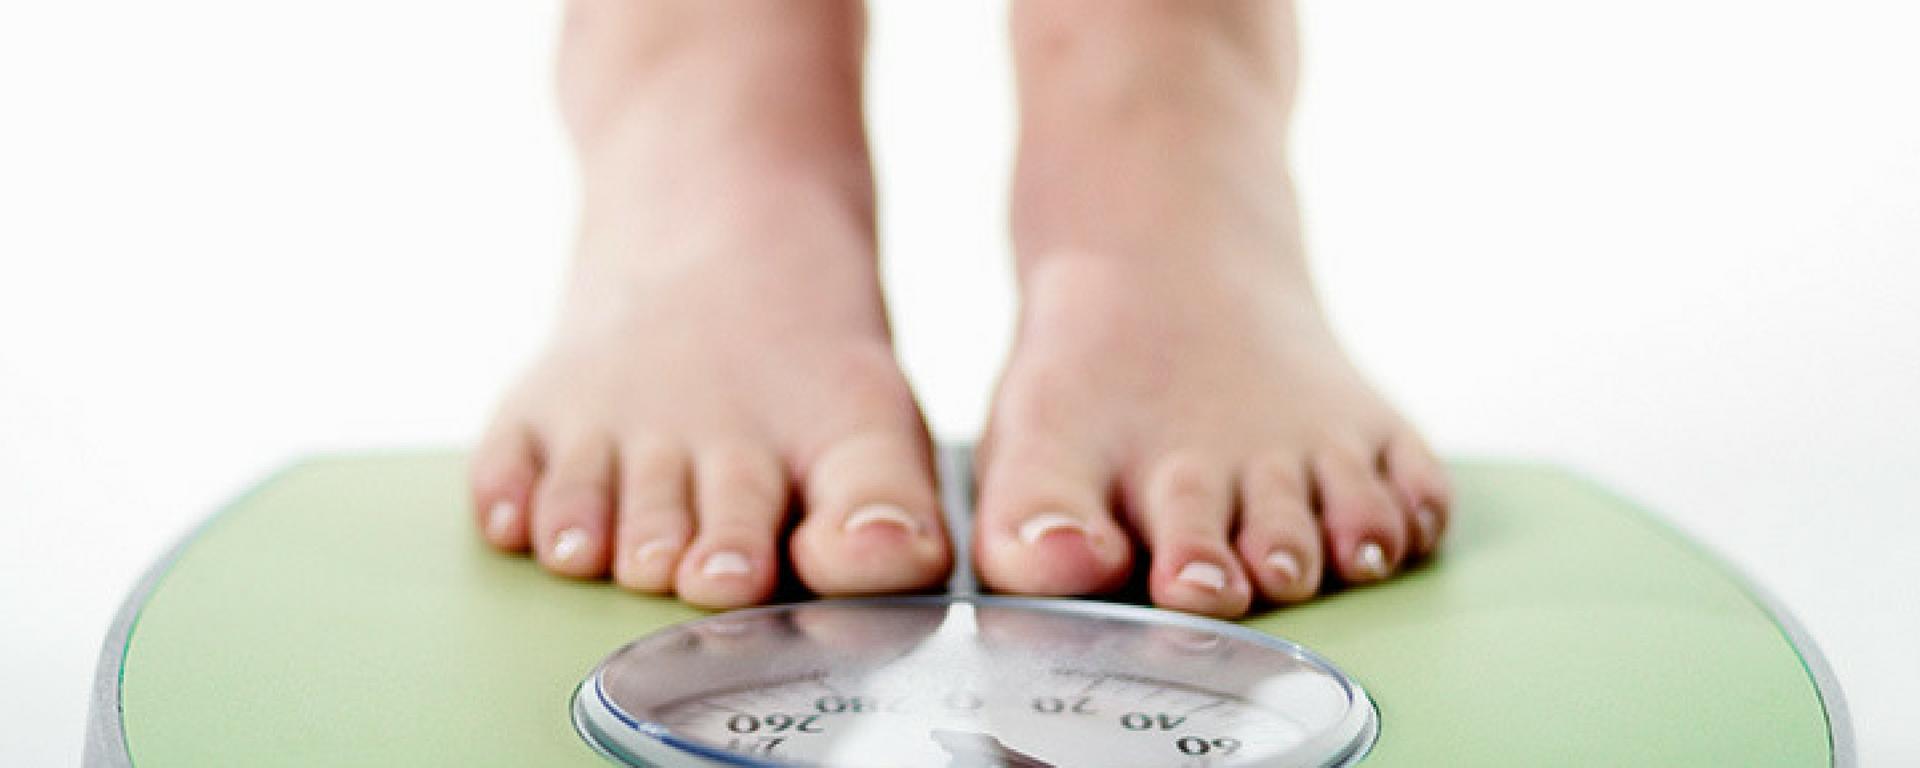 Як розрахувати свою ідеальну вагу по зростанню